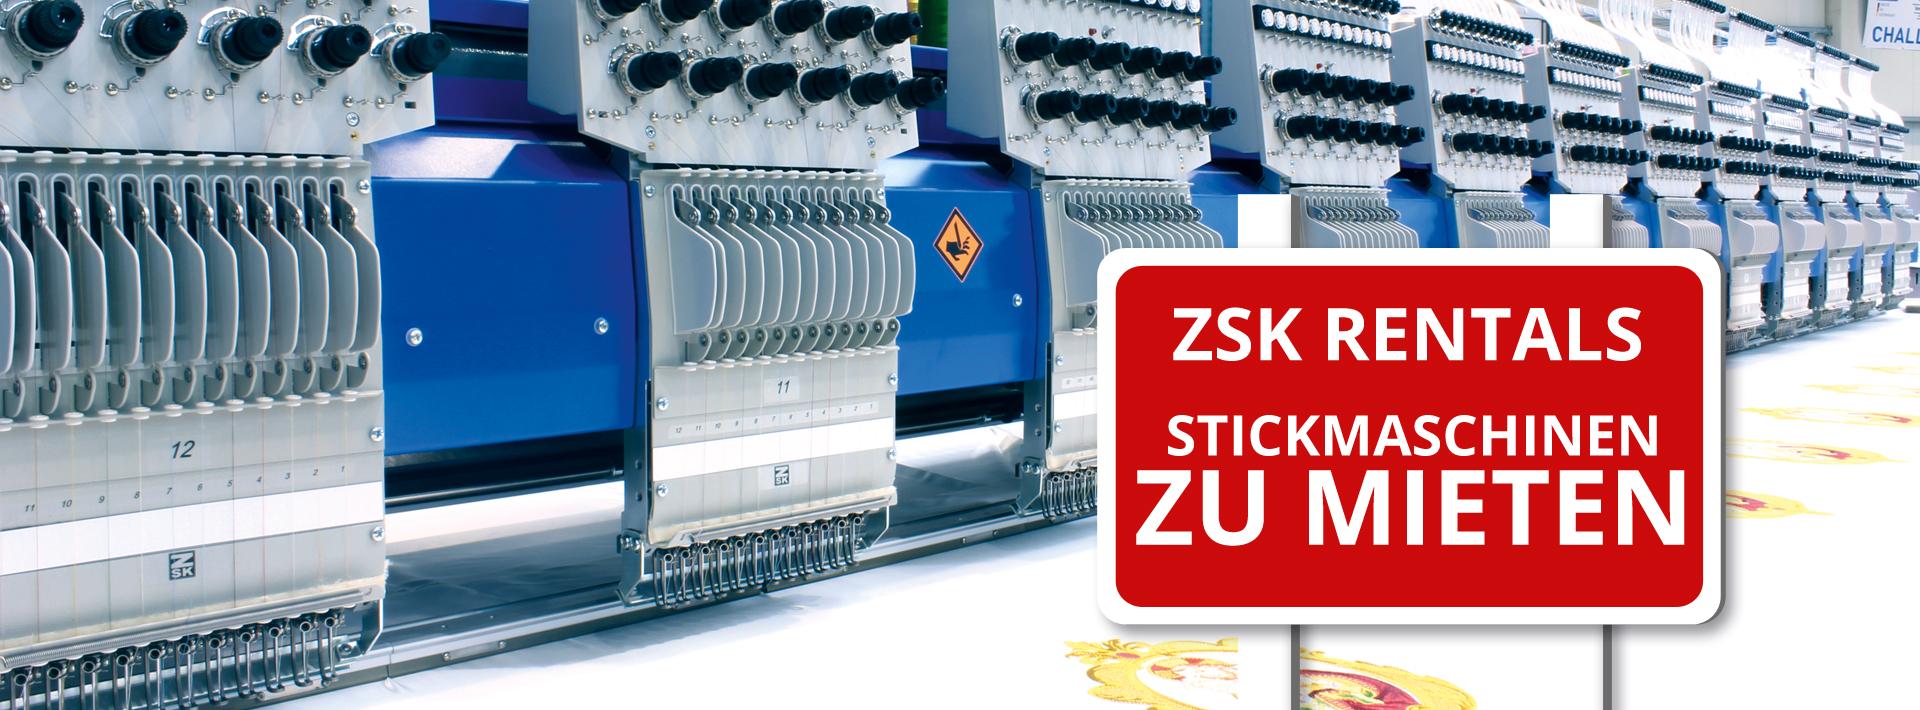 ZSK Stickmaschinen leihen mit ZSK Rentals